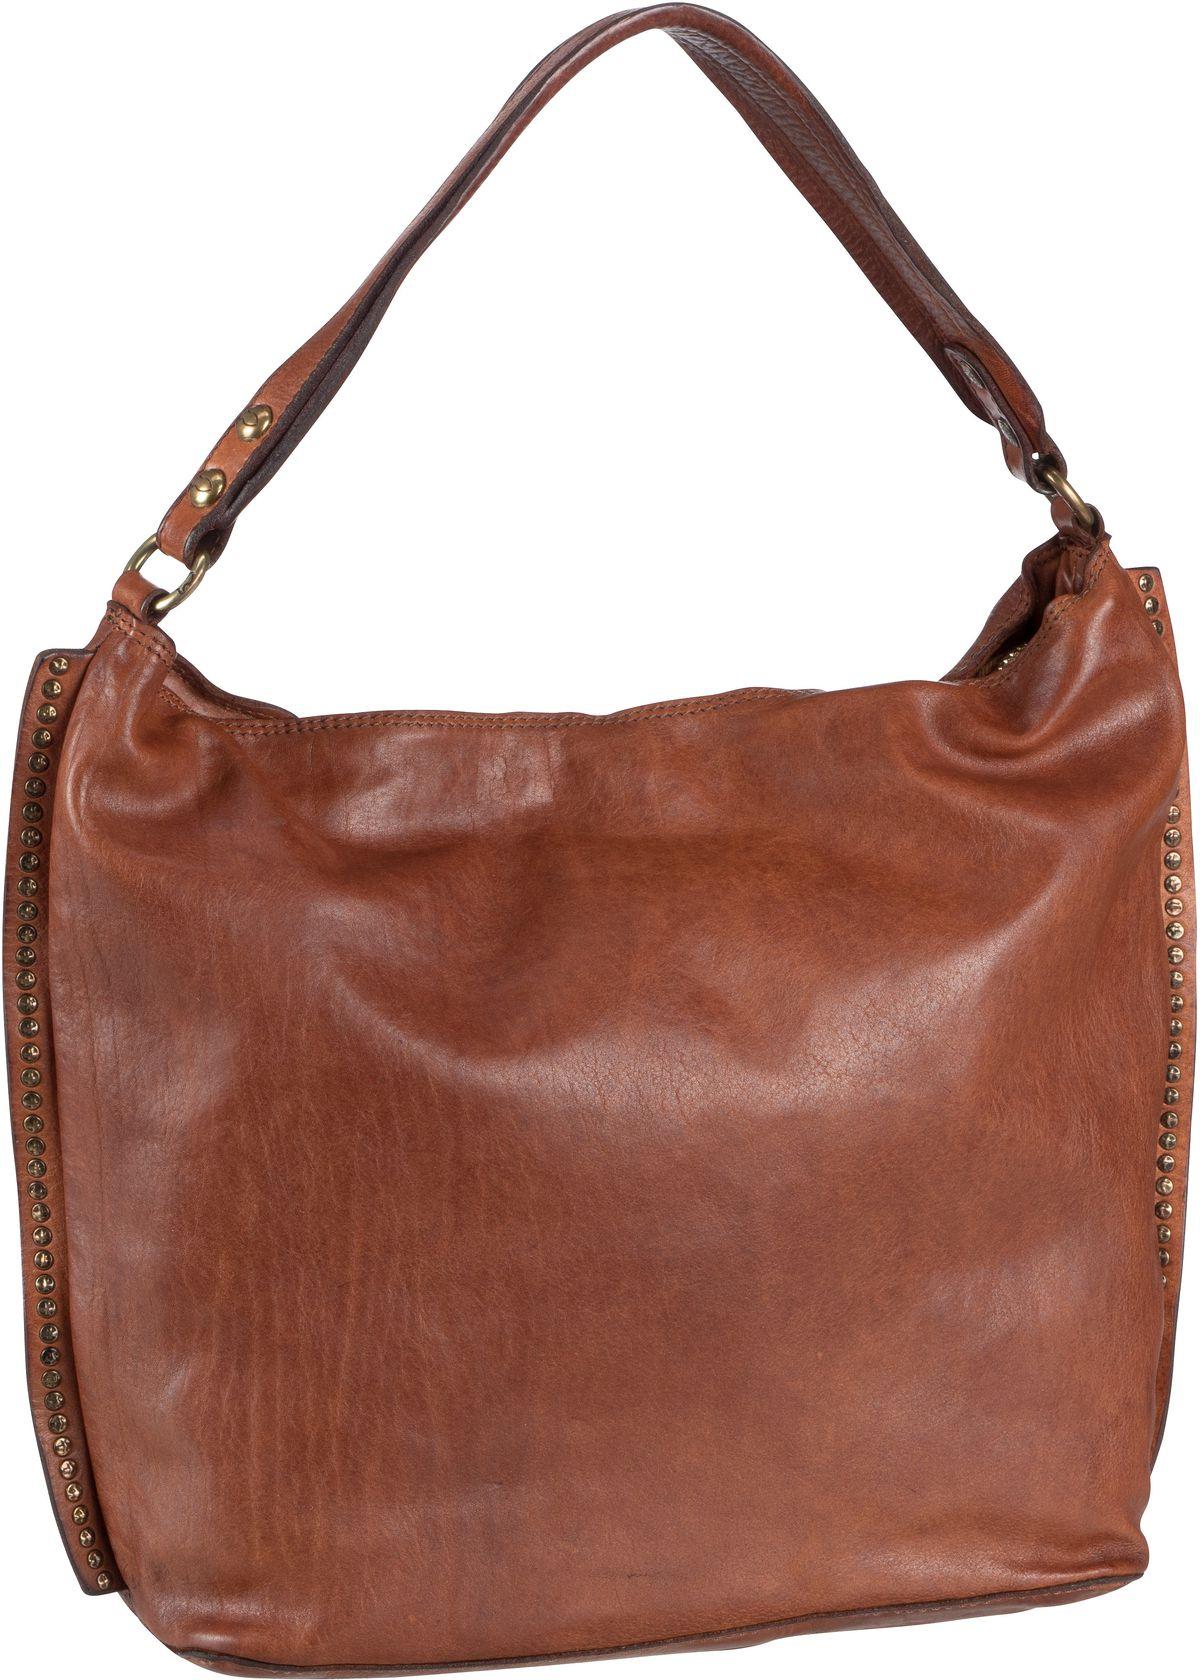 Handtasche Linda C2228 Cognac